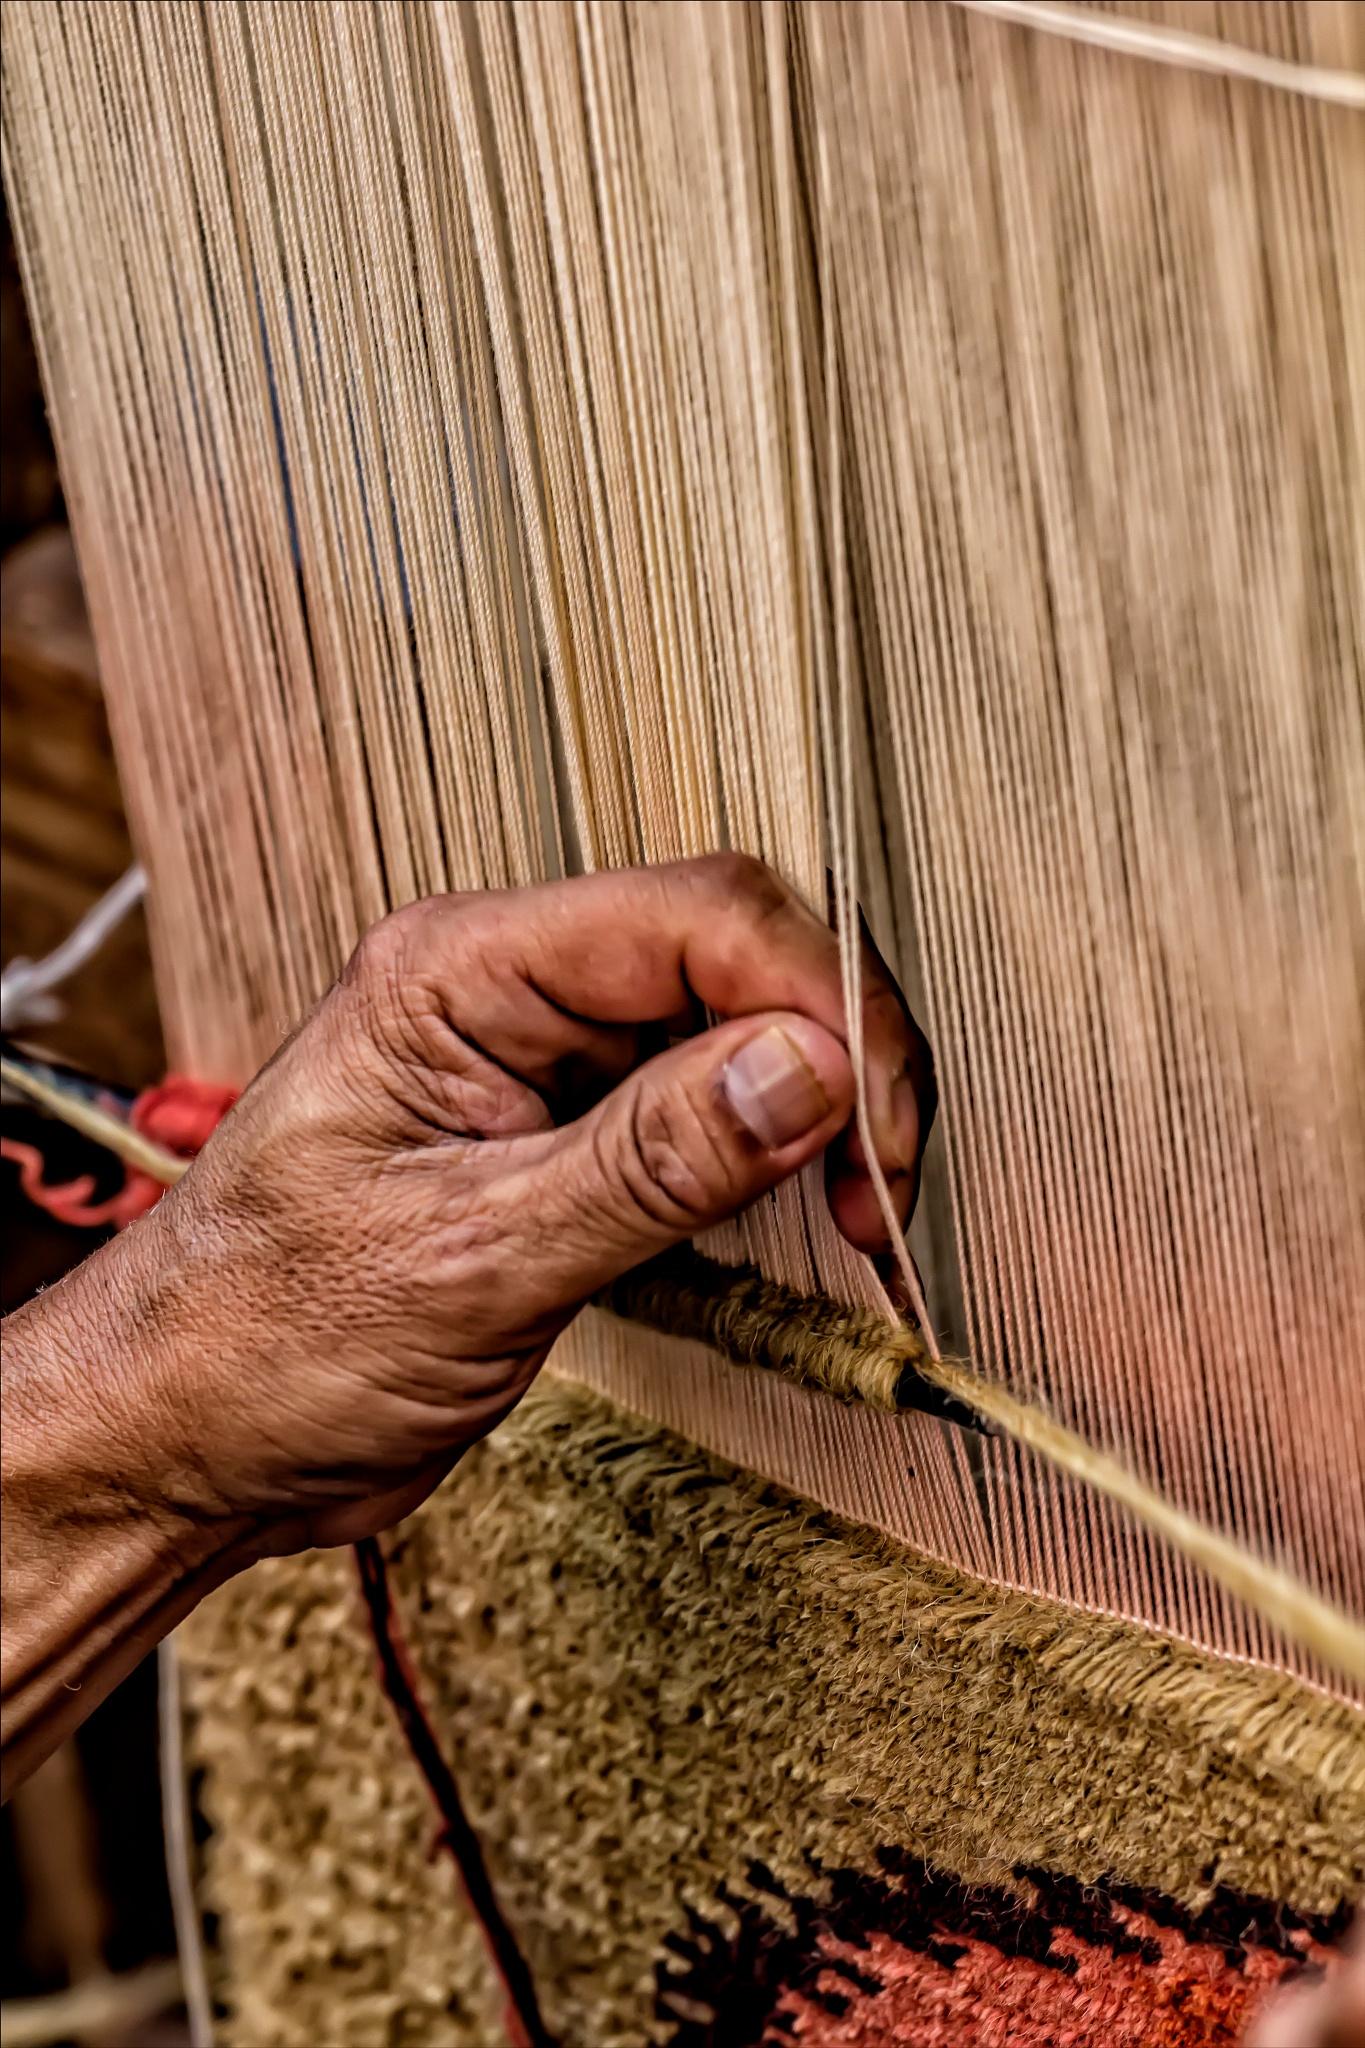 Rug Maker by robertullmann